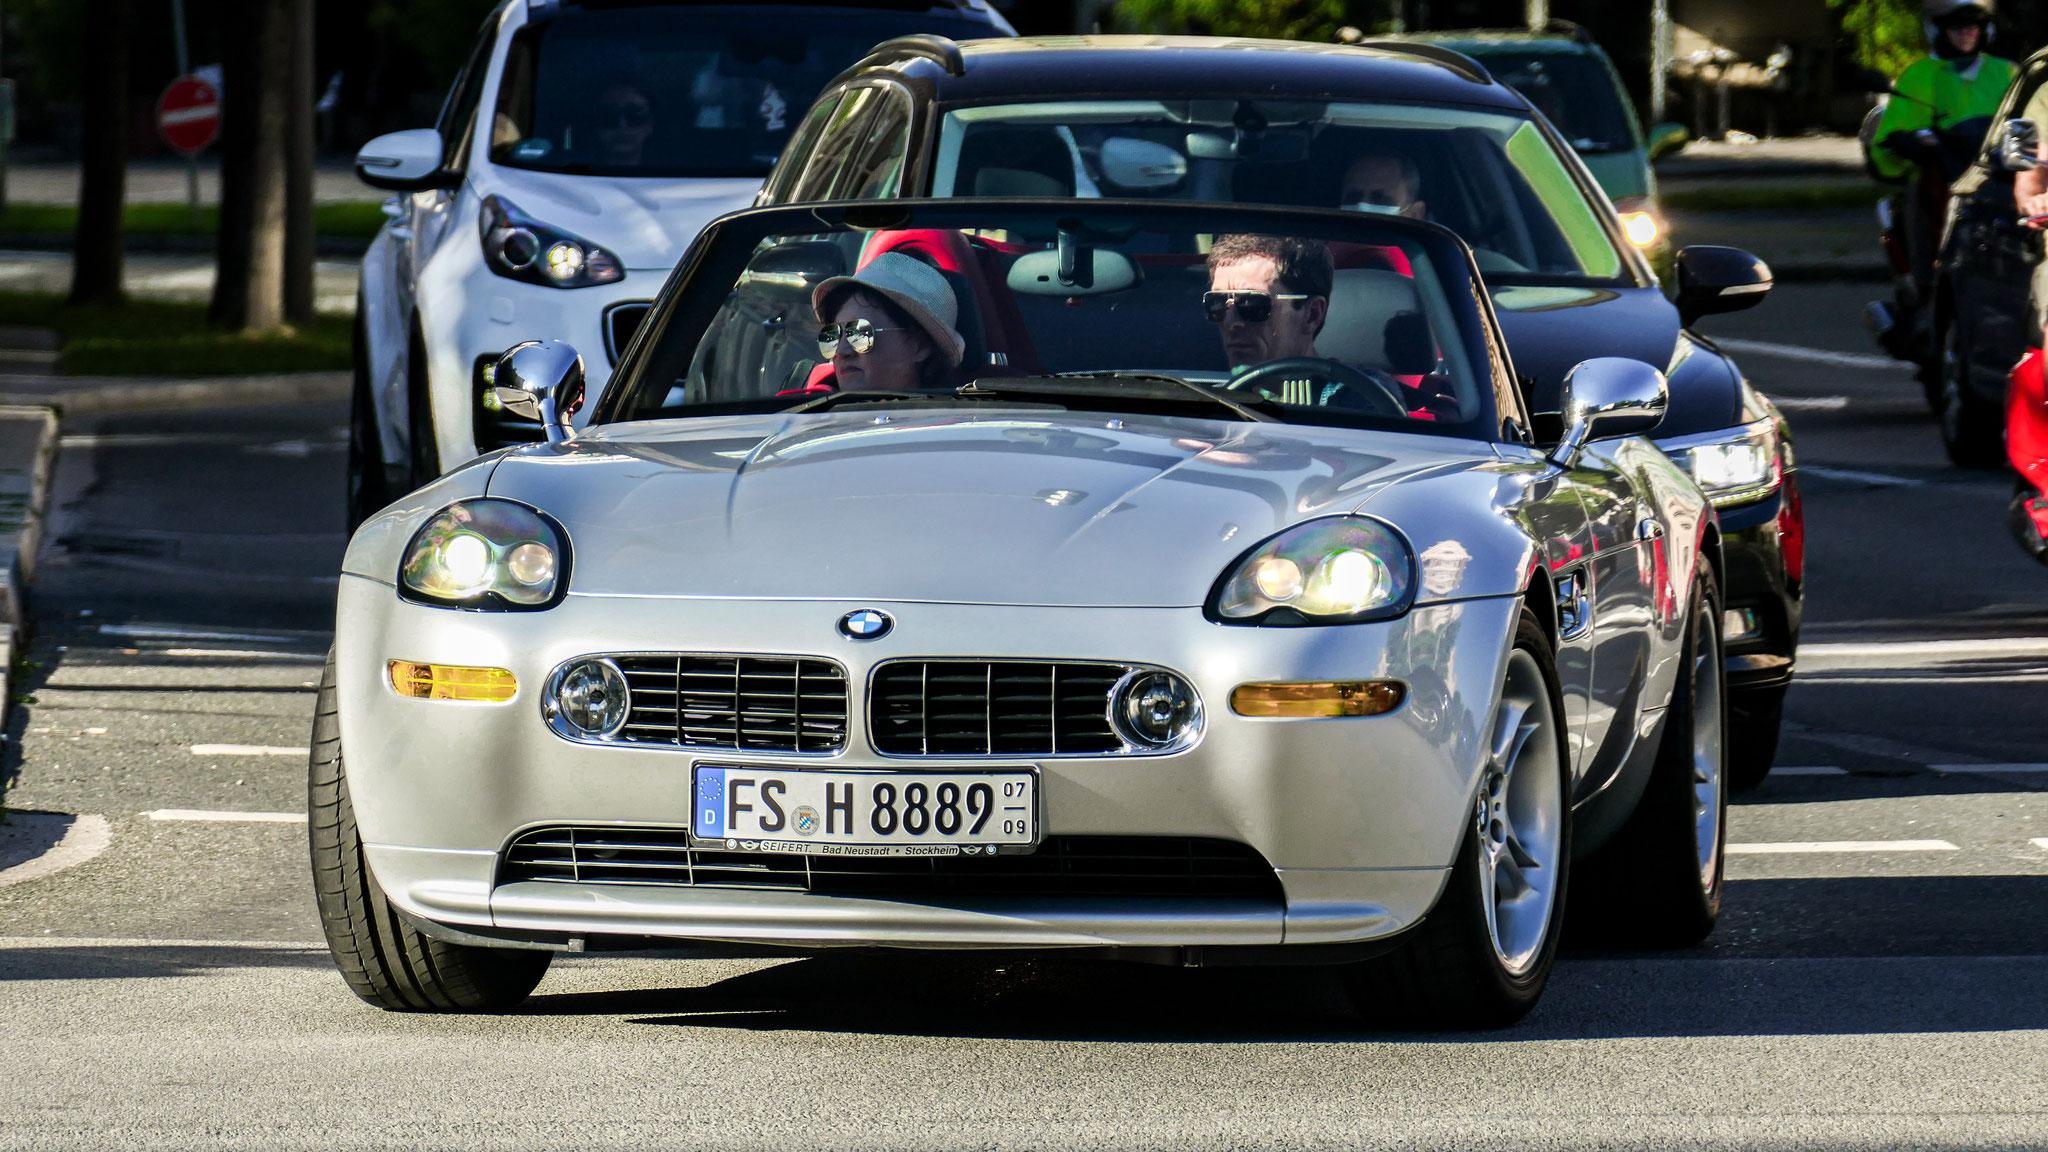 BMW Z8 - FS-H-8889